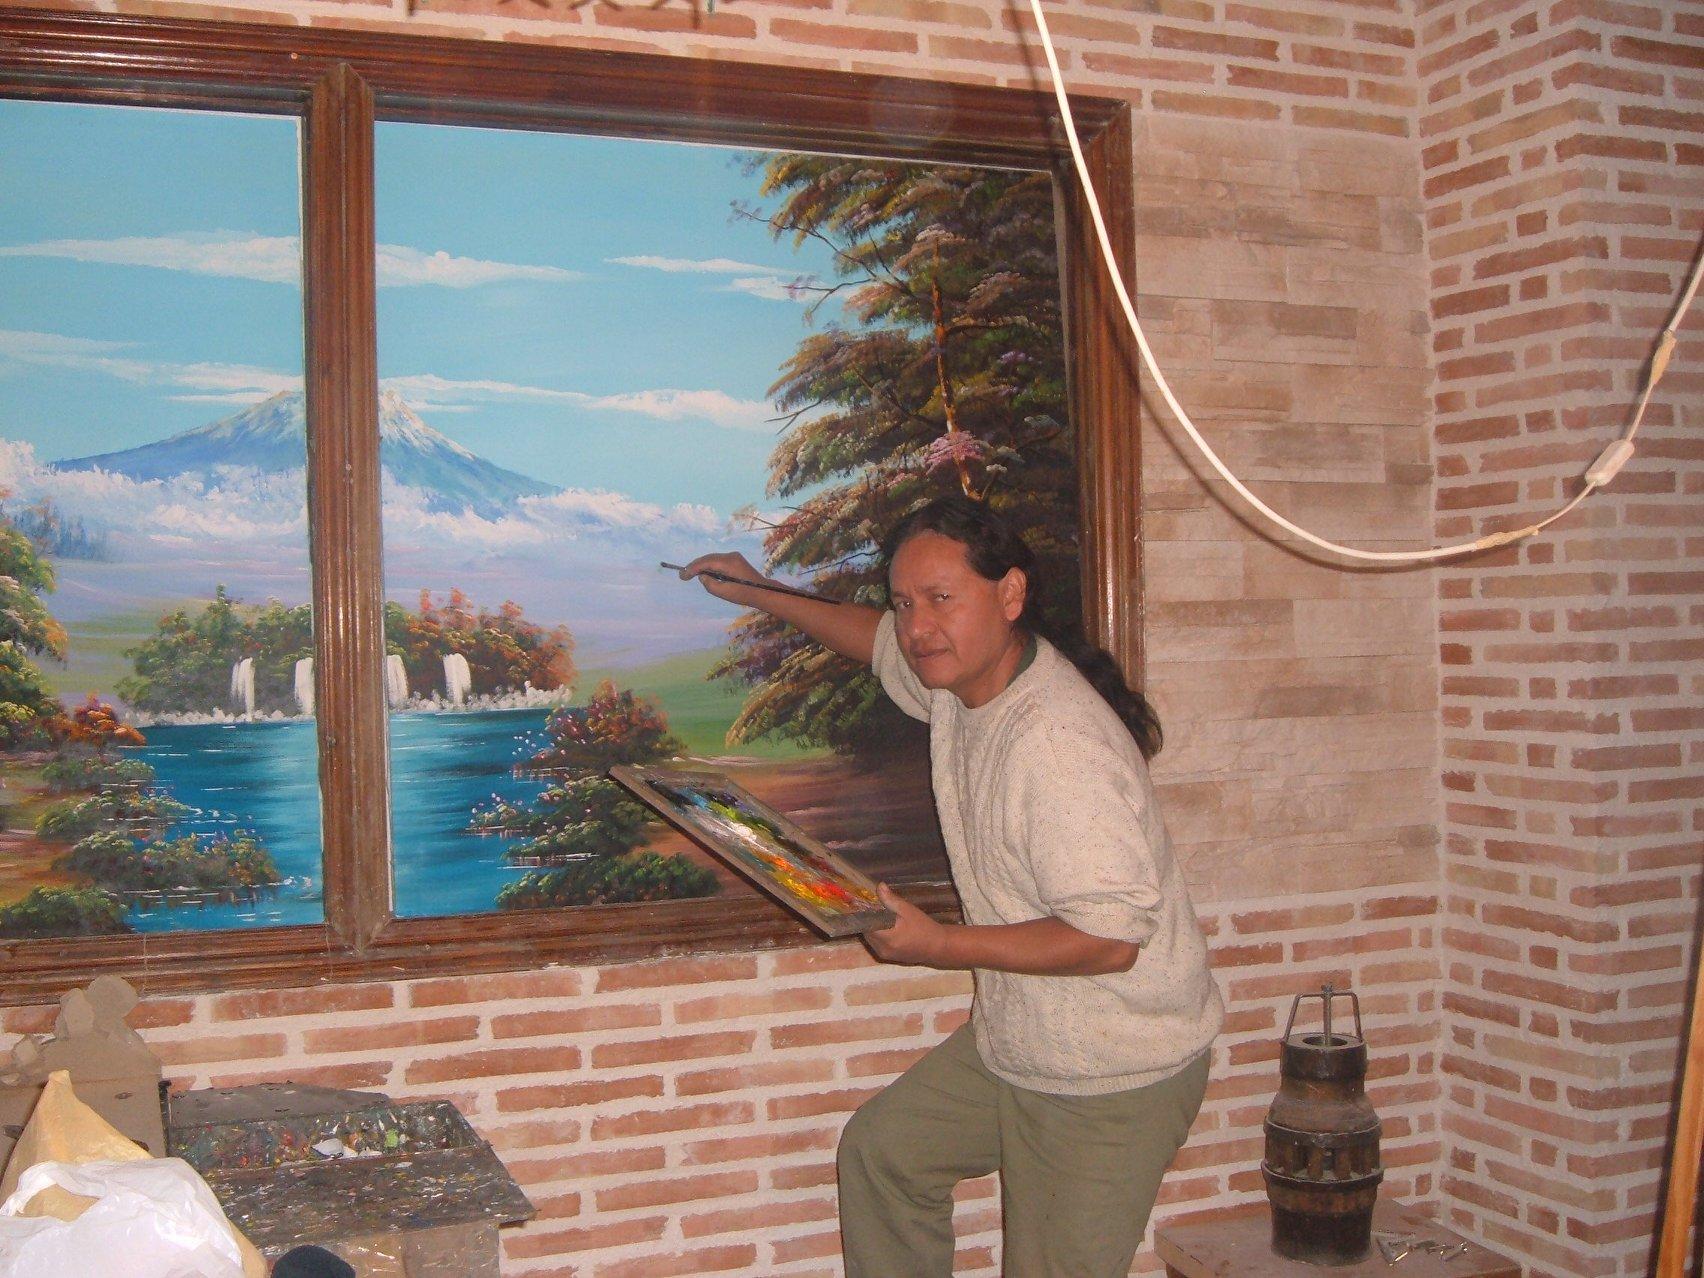 Edgar pintando un mural